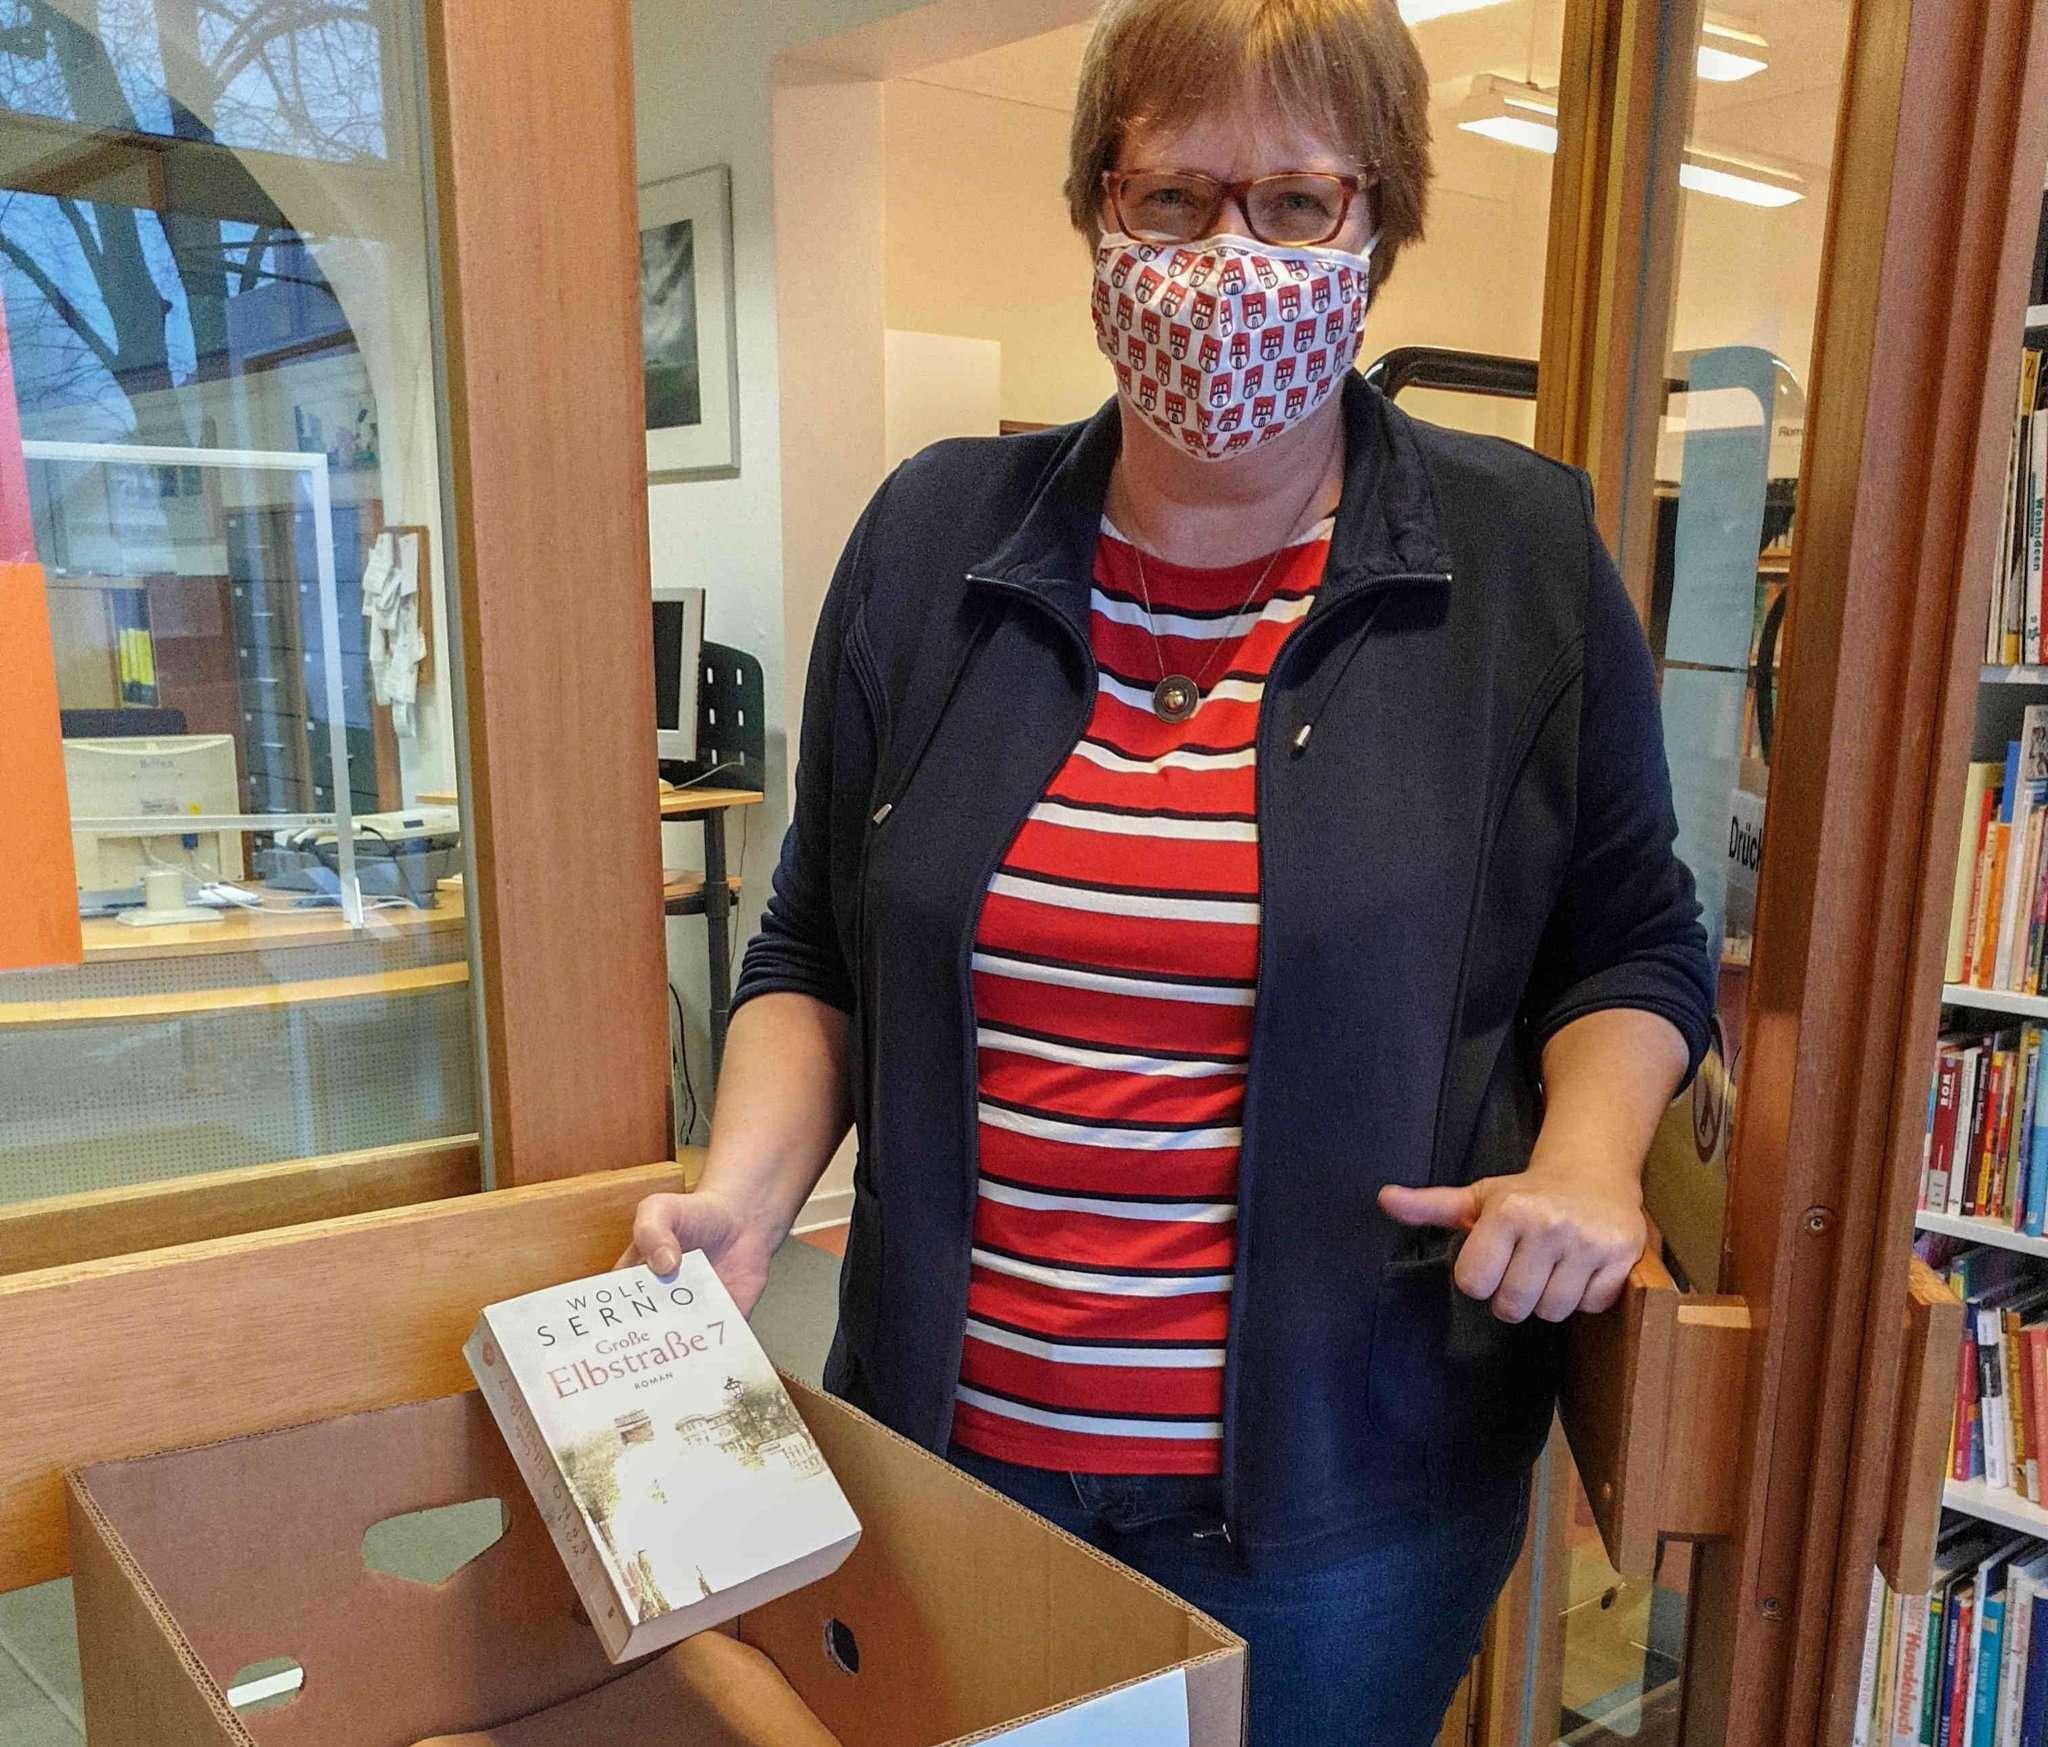 Karen Marheine erklärt den Bücherservice im Vorraum. Foto: Tobias Woelki